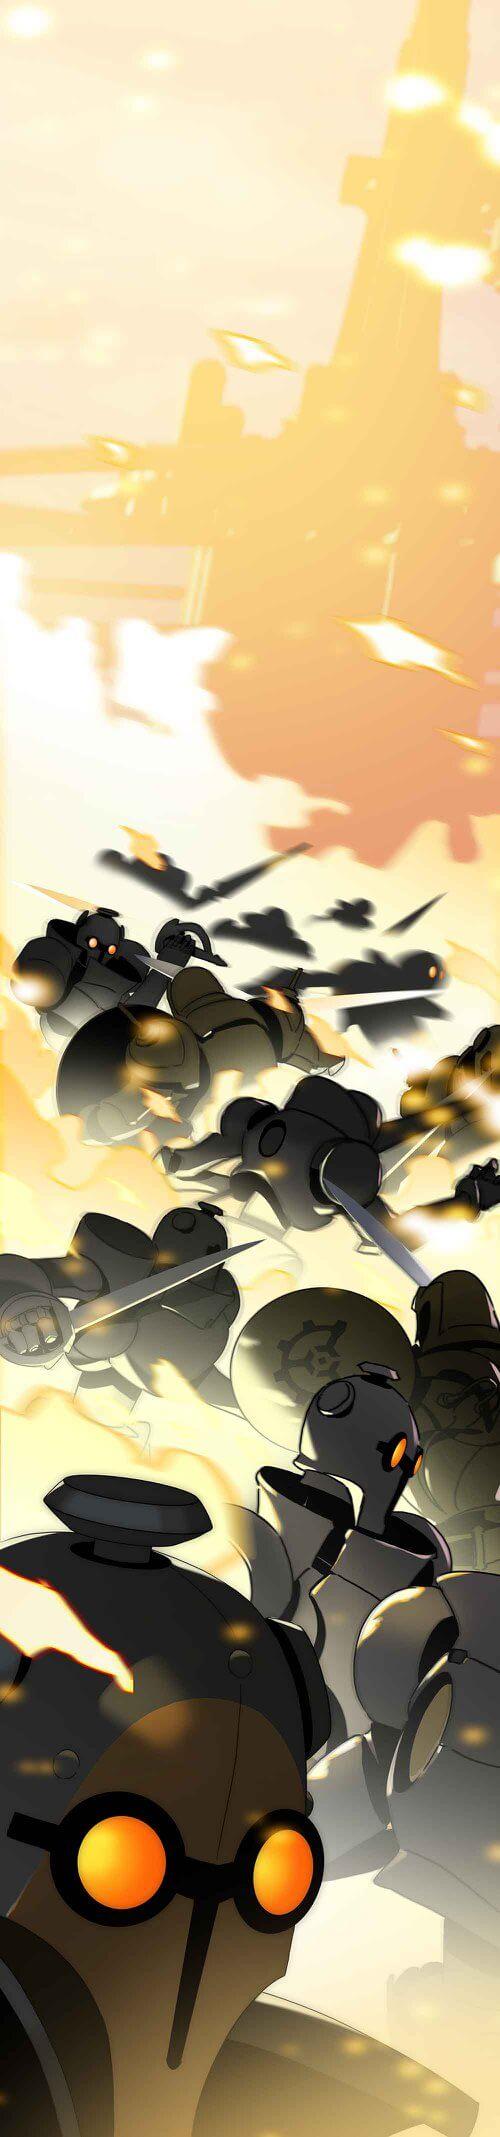 Lethal Nexus: Chương 1 - Cuộc khủng hoảng - Trang 27